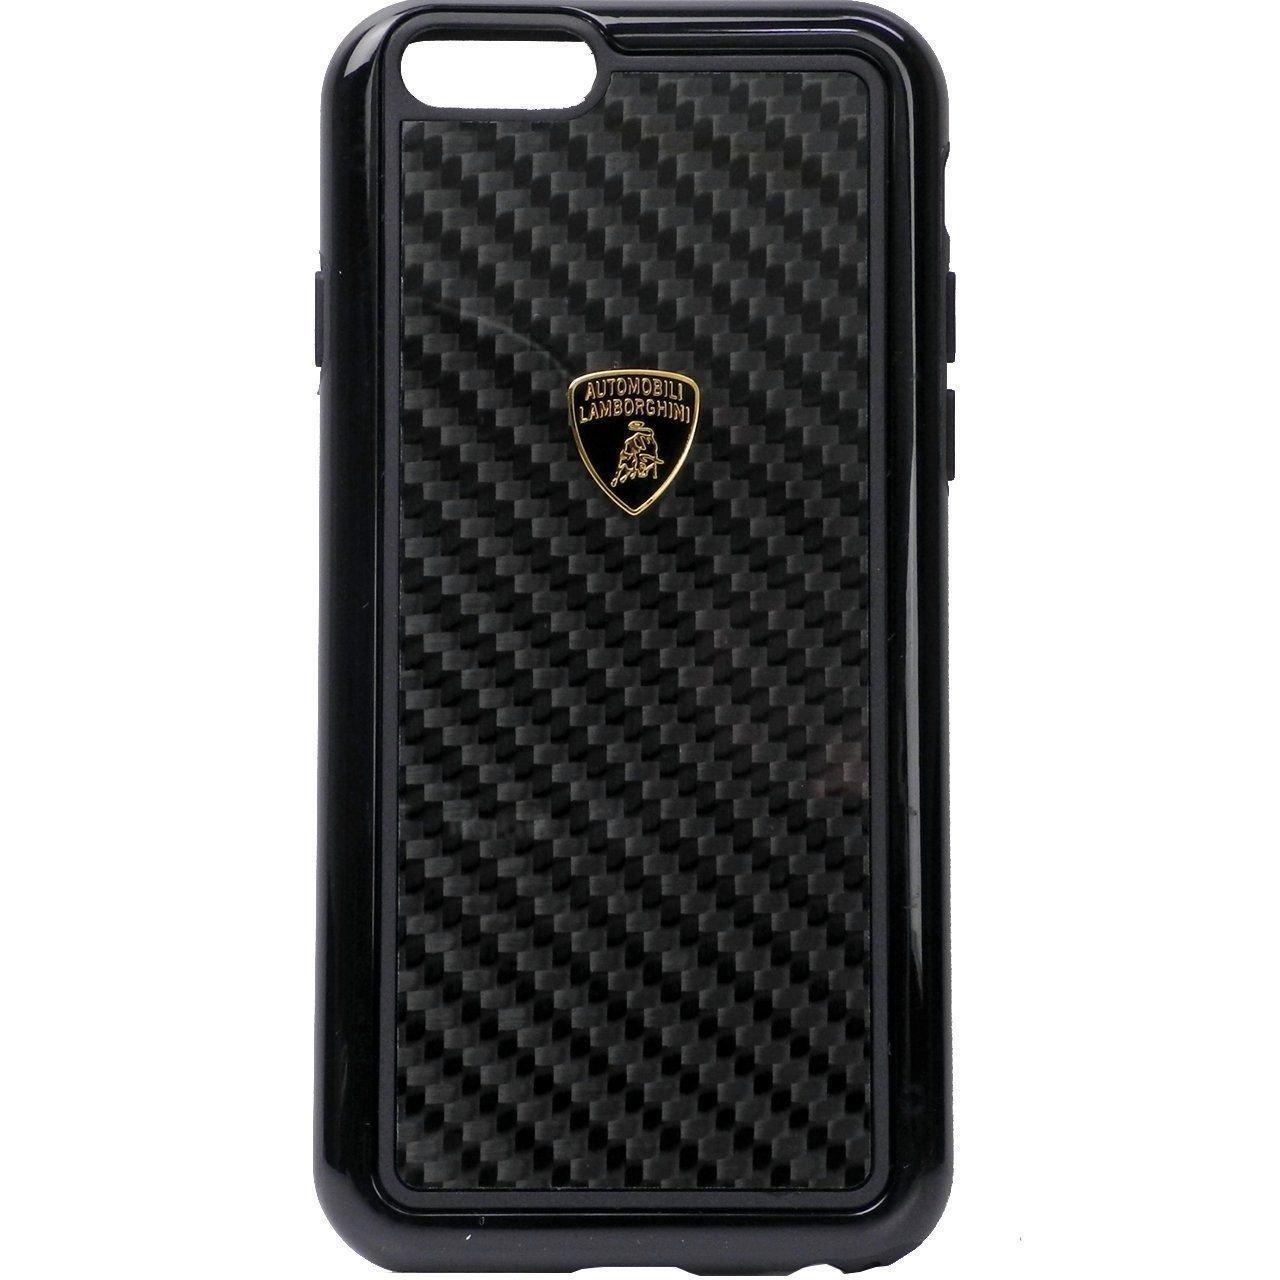 Lamborghini apple iphone 6 plus 6s plus official 3d carbon fiber limited edition case back cover